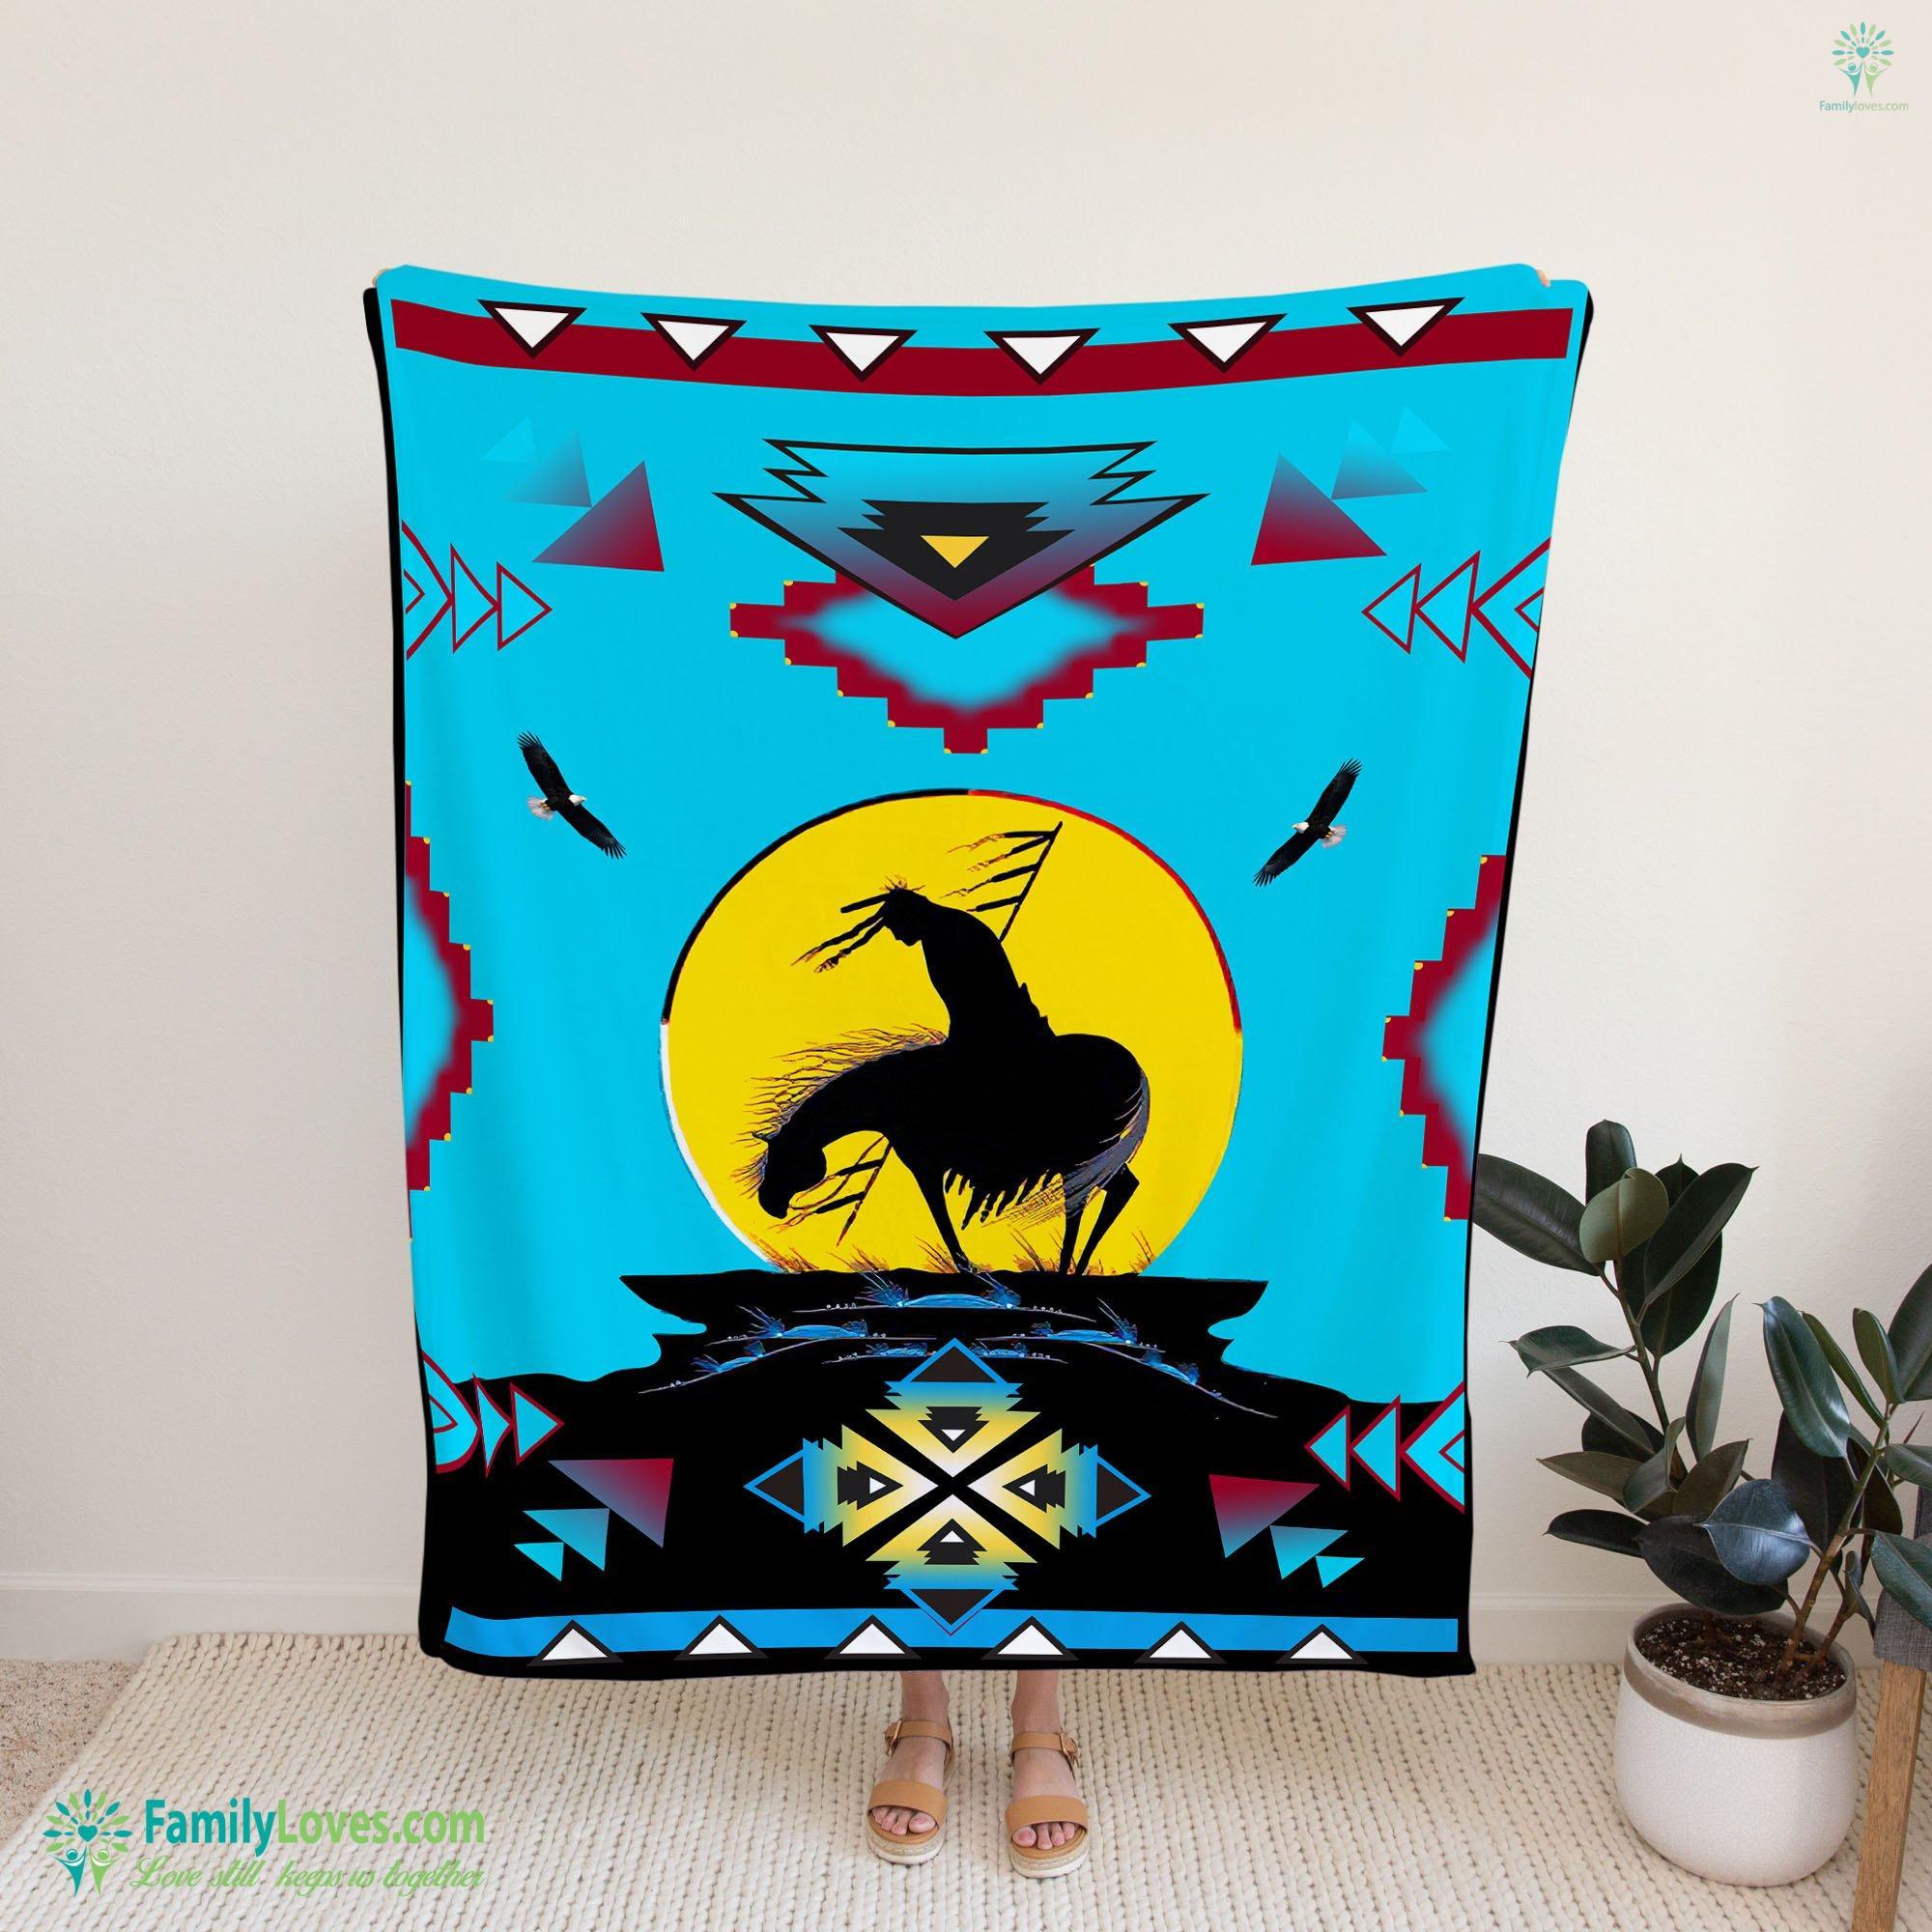 Warrior Blanket 9 Familyloves.com